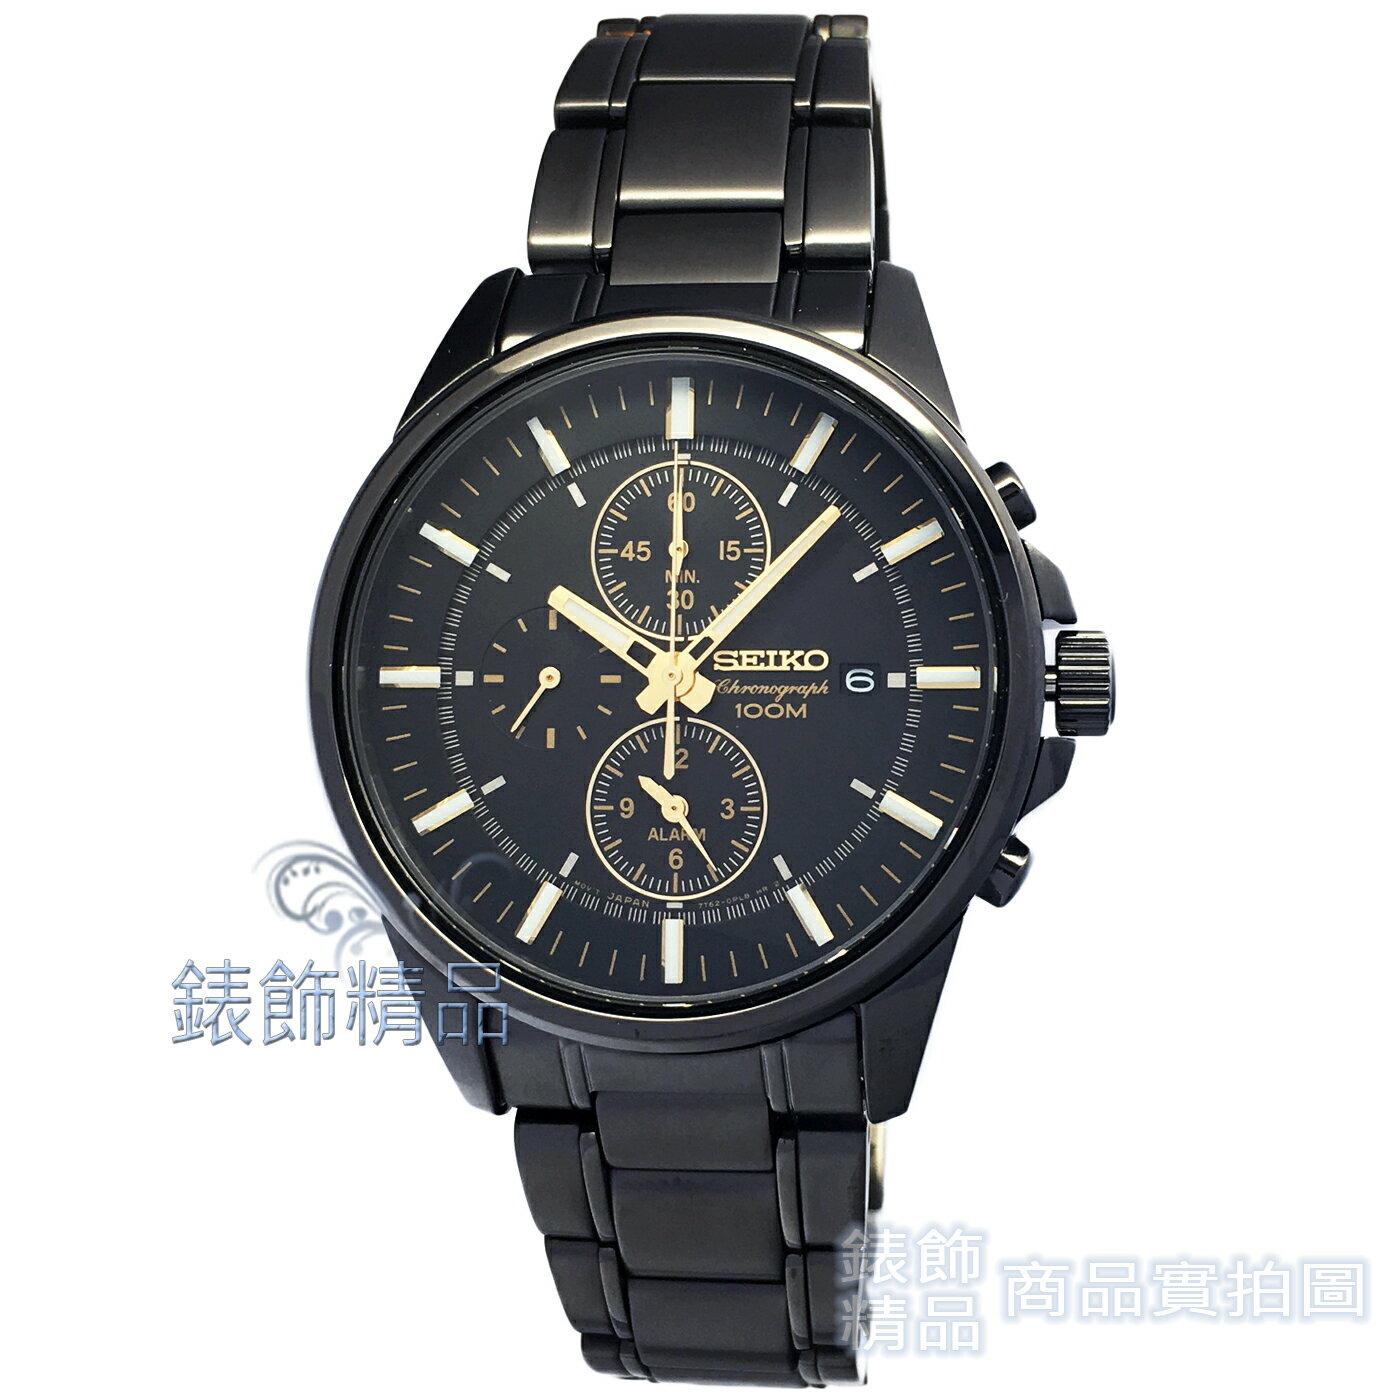 【錶飾精品】SEIKO錶 SNAF07P1 精工表 鬧鈴 計時碼錶 日期 黑面金色指針 鍍黑鋼帶男錶 全新正品 生日禮物